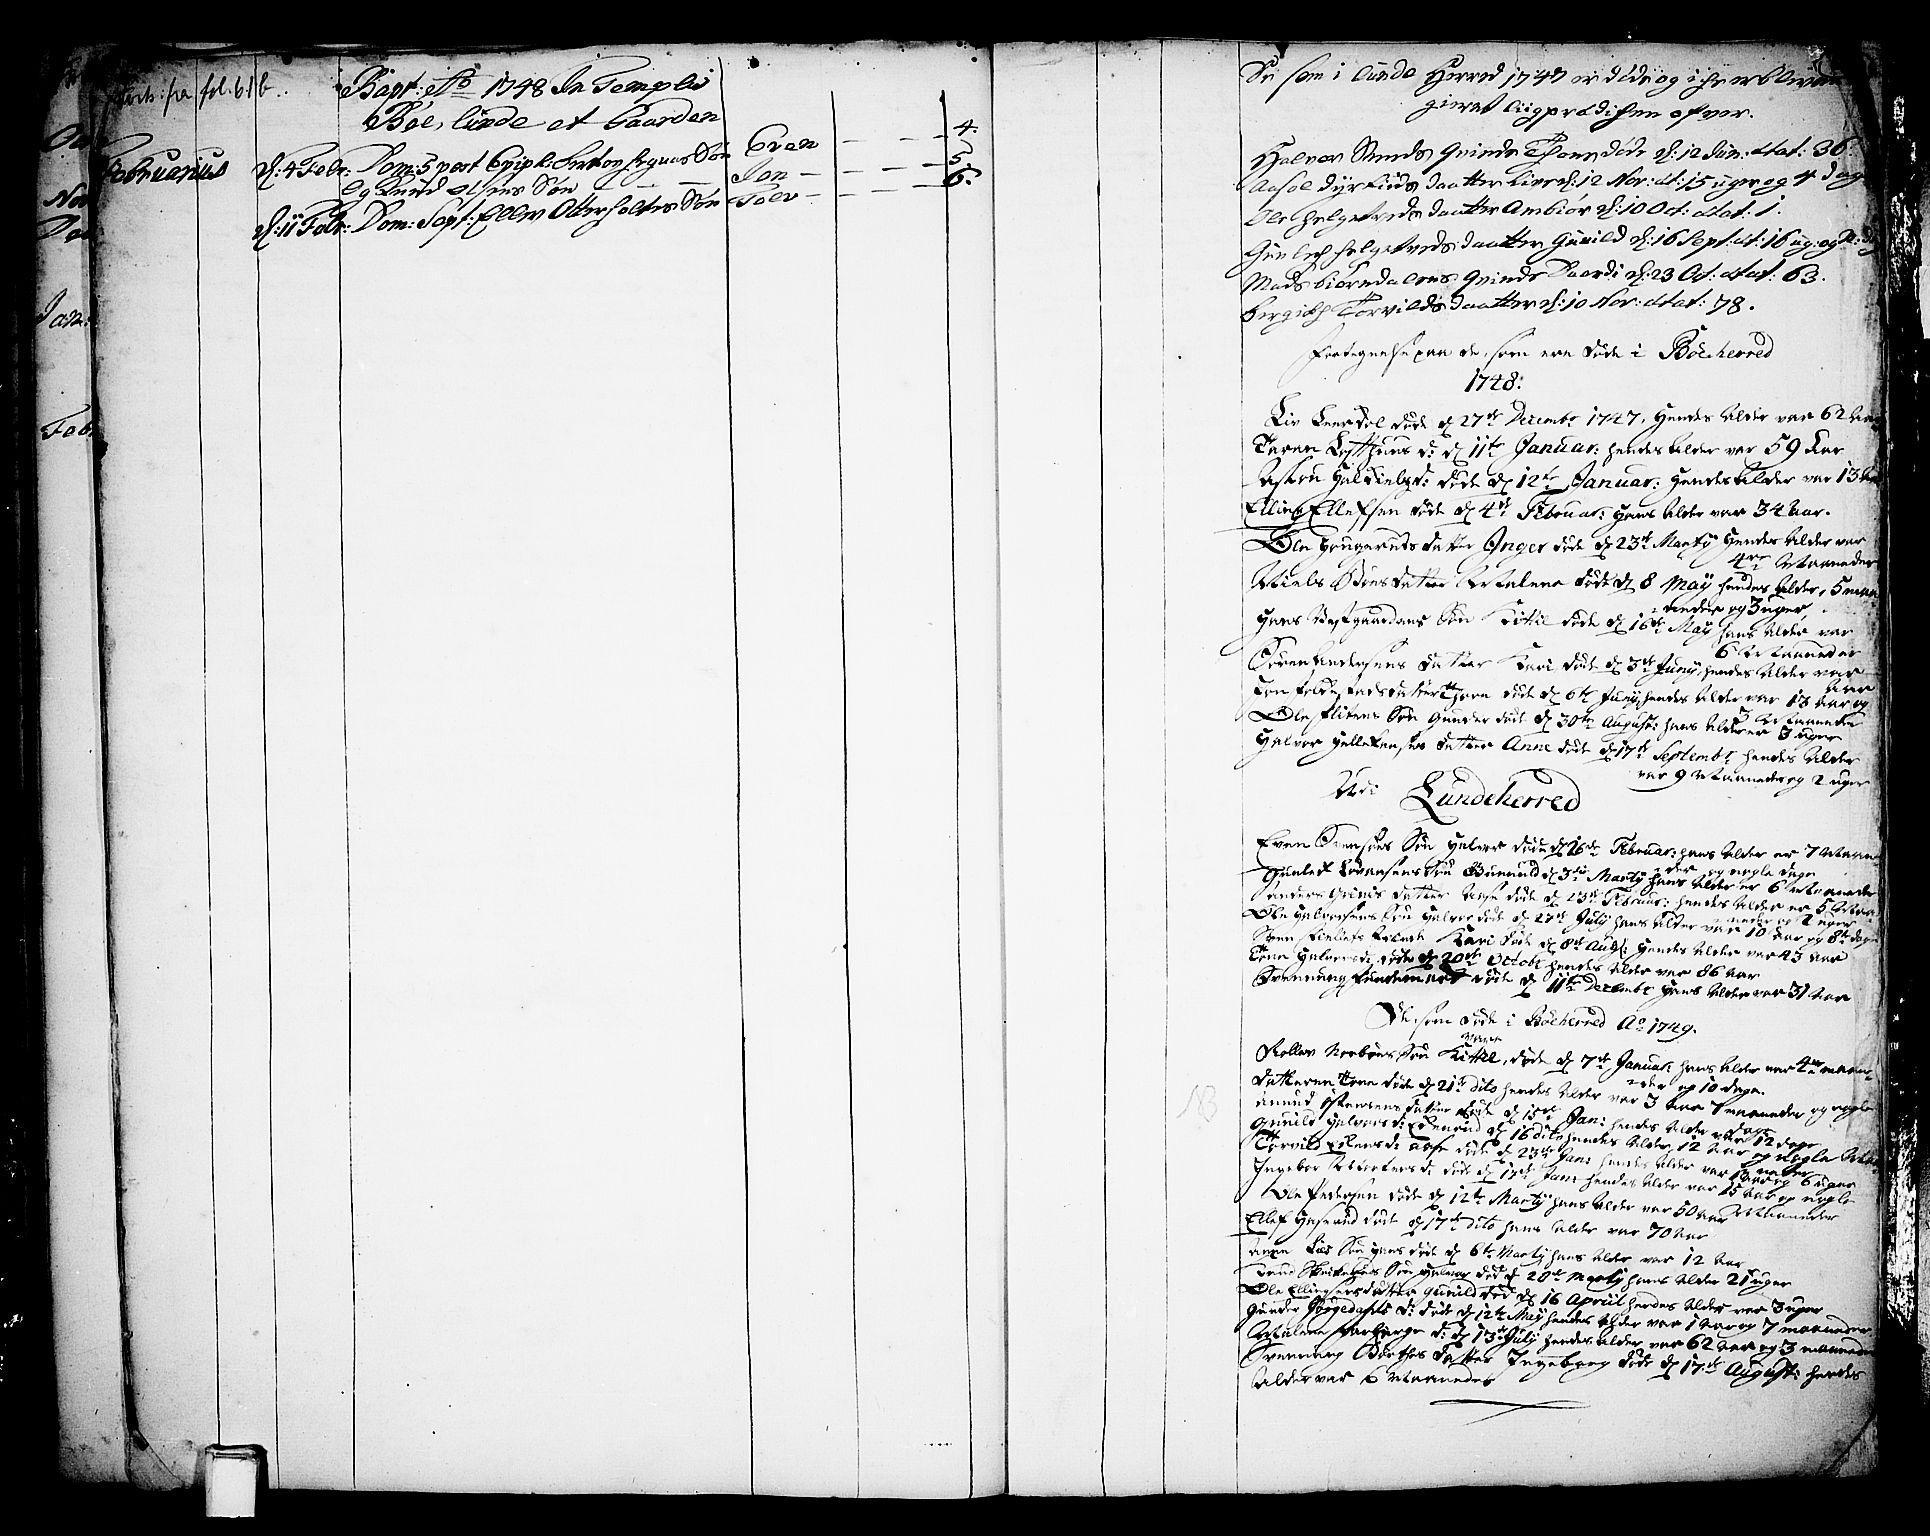 SAKO, Bø kirkebøker, F/Fa/L0003: Ministerialbok nr. 3, 1733-1748, s. 63